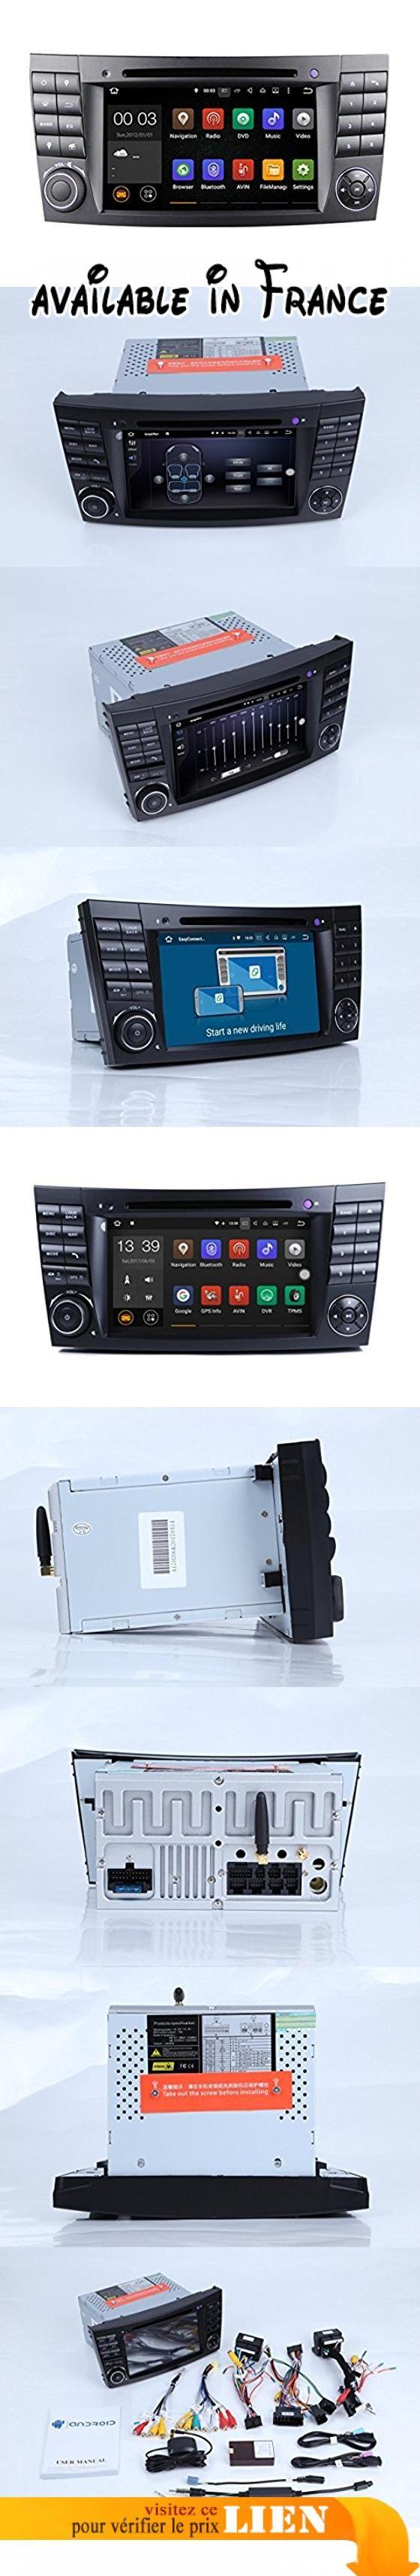 Générique Système Multimédia Autoradio pour Mercedes-Benz Classe E W211 (E200,E220,E240,E270,E280,E300,E320,E350,E400,E420,E55,E500) (2002 à 2008) avec Ecran 7 pouces/18 cm tactile, DVD/CD, tuner RDS, Bluetooth, USB et entrée Auxiliaire. Taille de montage standard DIN 2, écran tactile 7 pouces Prise en charge de plusieurs langues OSD.. Avec système d'exploitation Android 7.1, mémoire RAM DDR3 2 Go et mémoire interne de 16 Go.. Avec le processeur CPU avec 4 Core